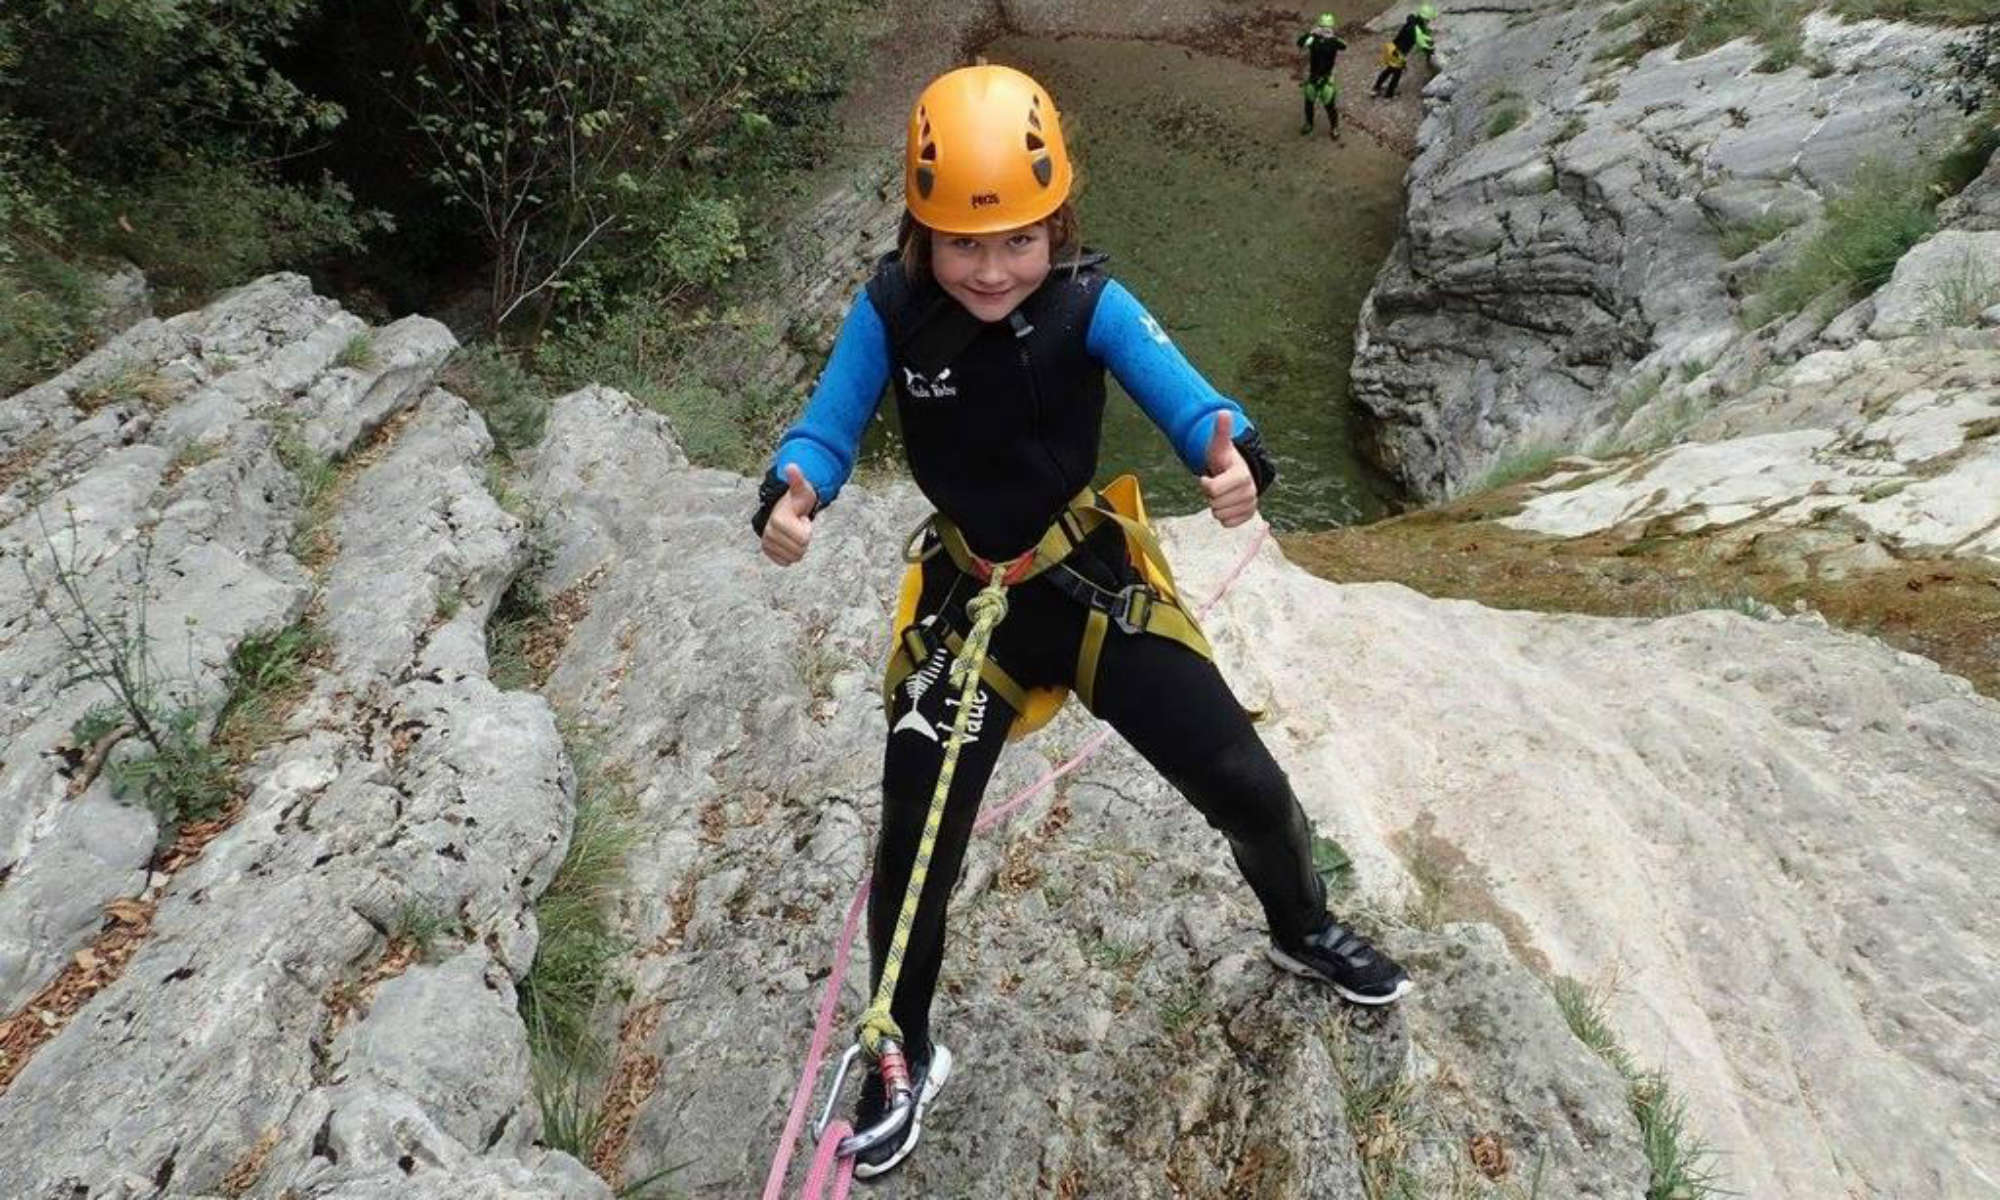 Ein Kind seilt sich an einer Wand in der San Michele Schlucht beim Canyoning am Gardasee ab.